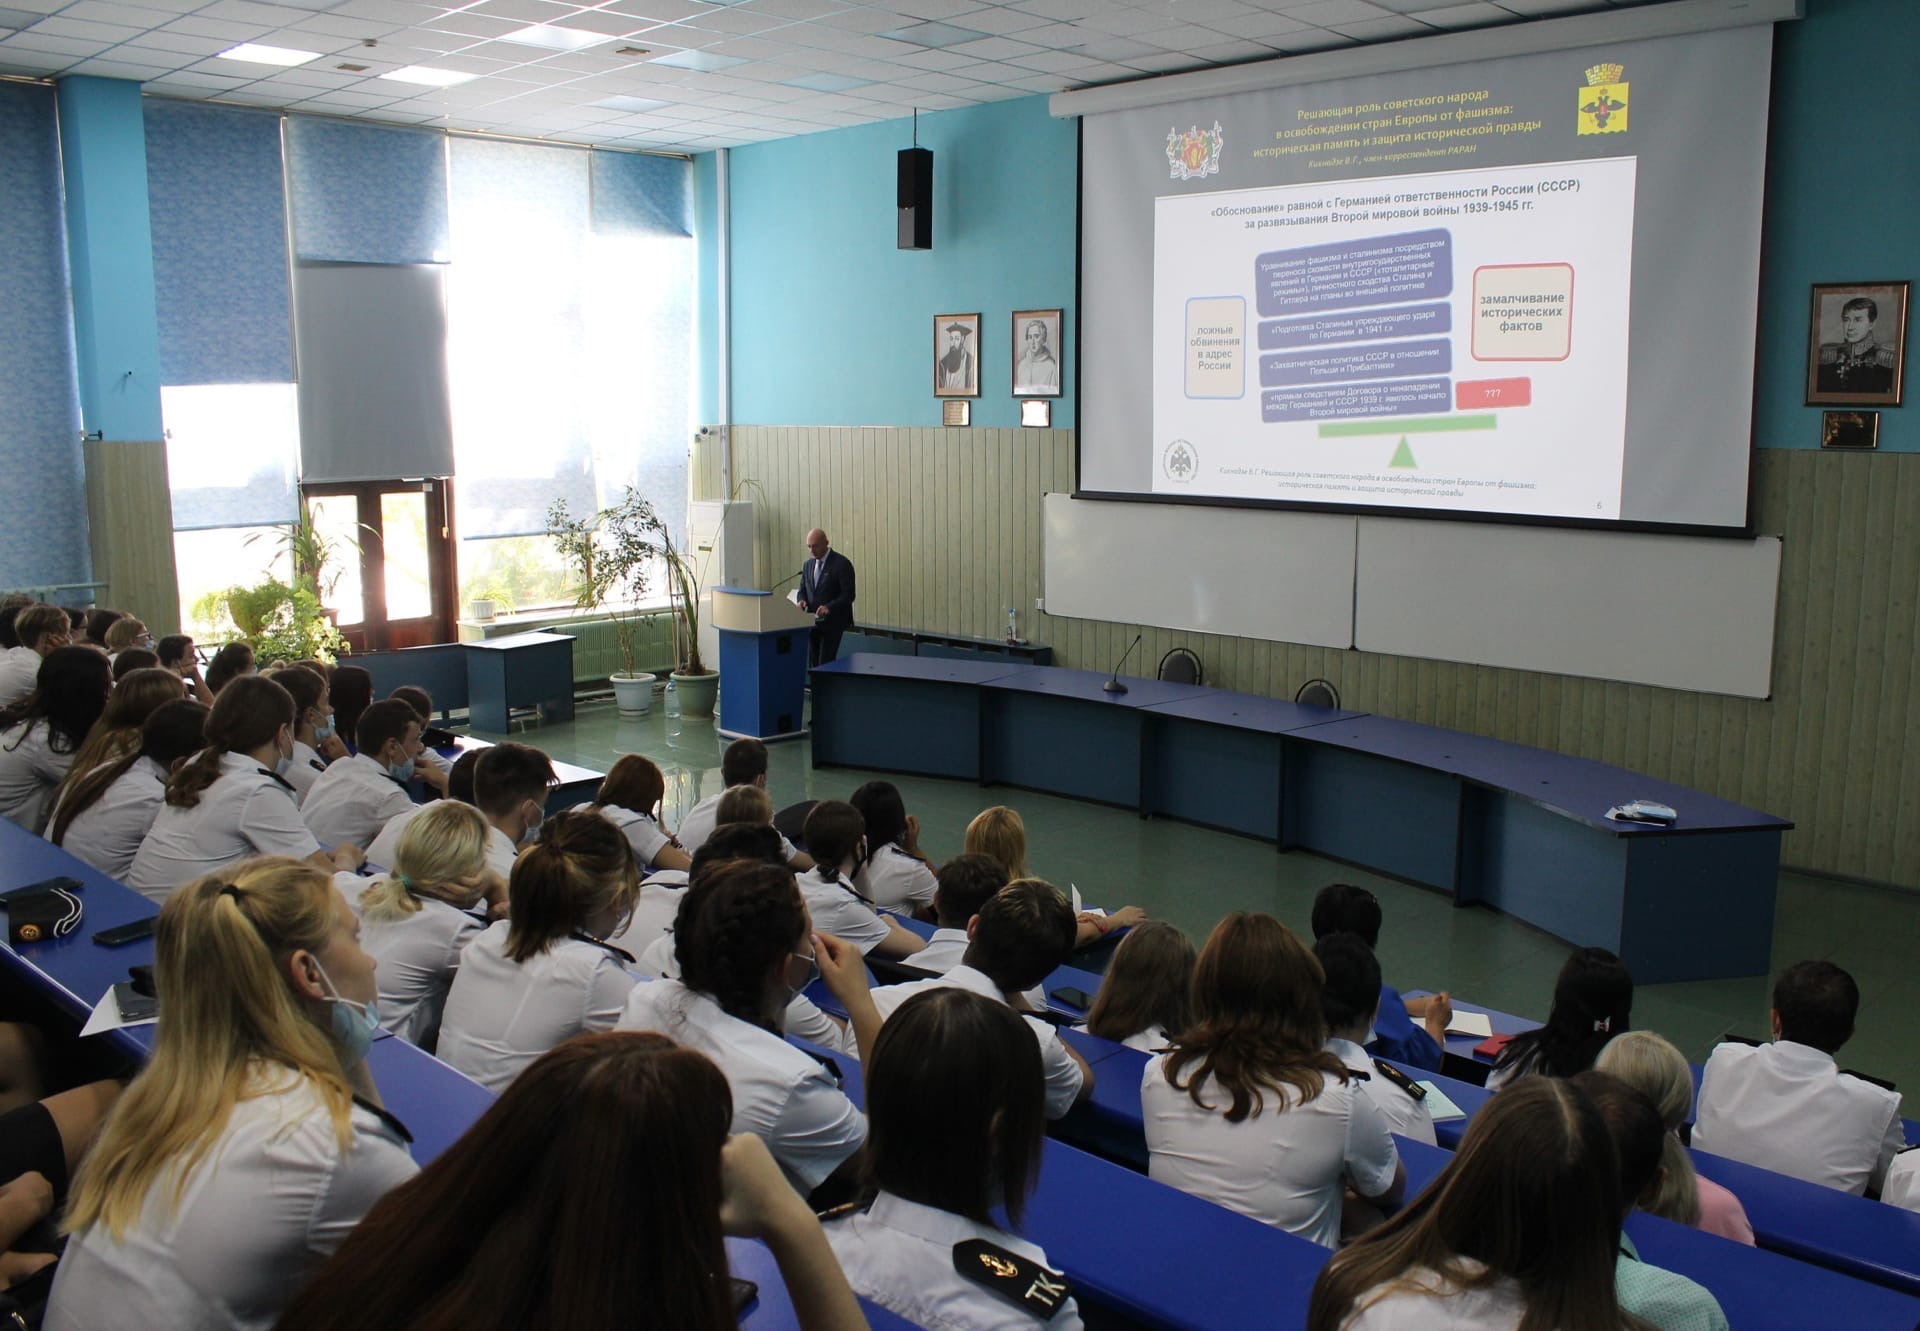 Публичная лекция в Государственном морском университете имени адмирала Ф.Ф. Ушакова, 14.9.2021